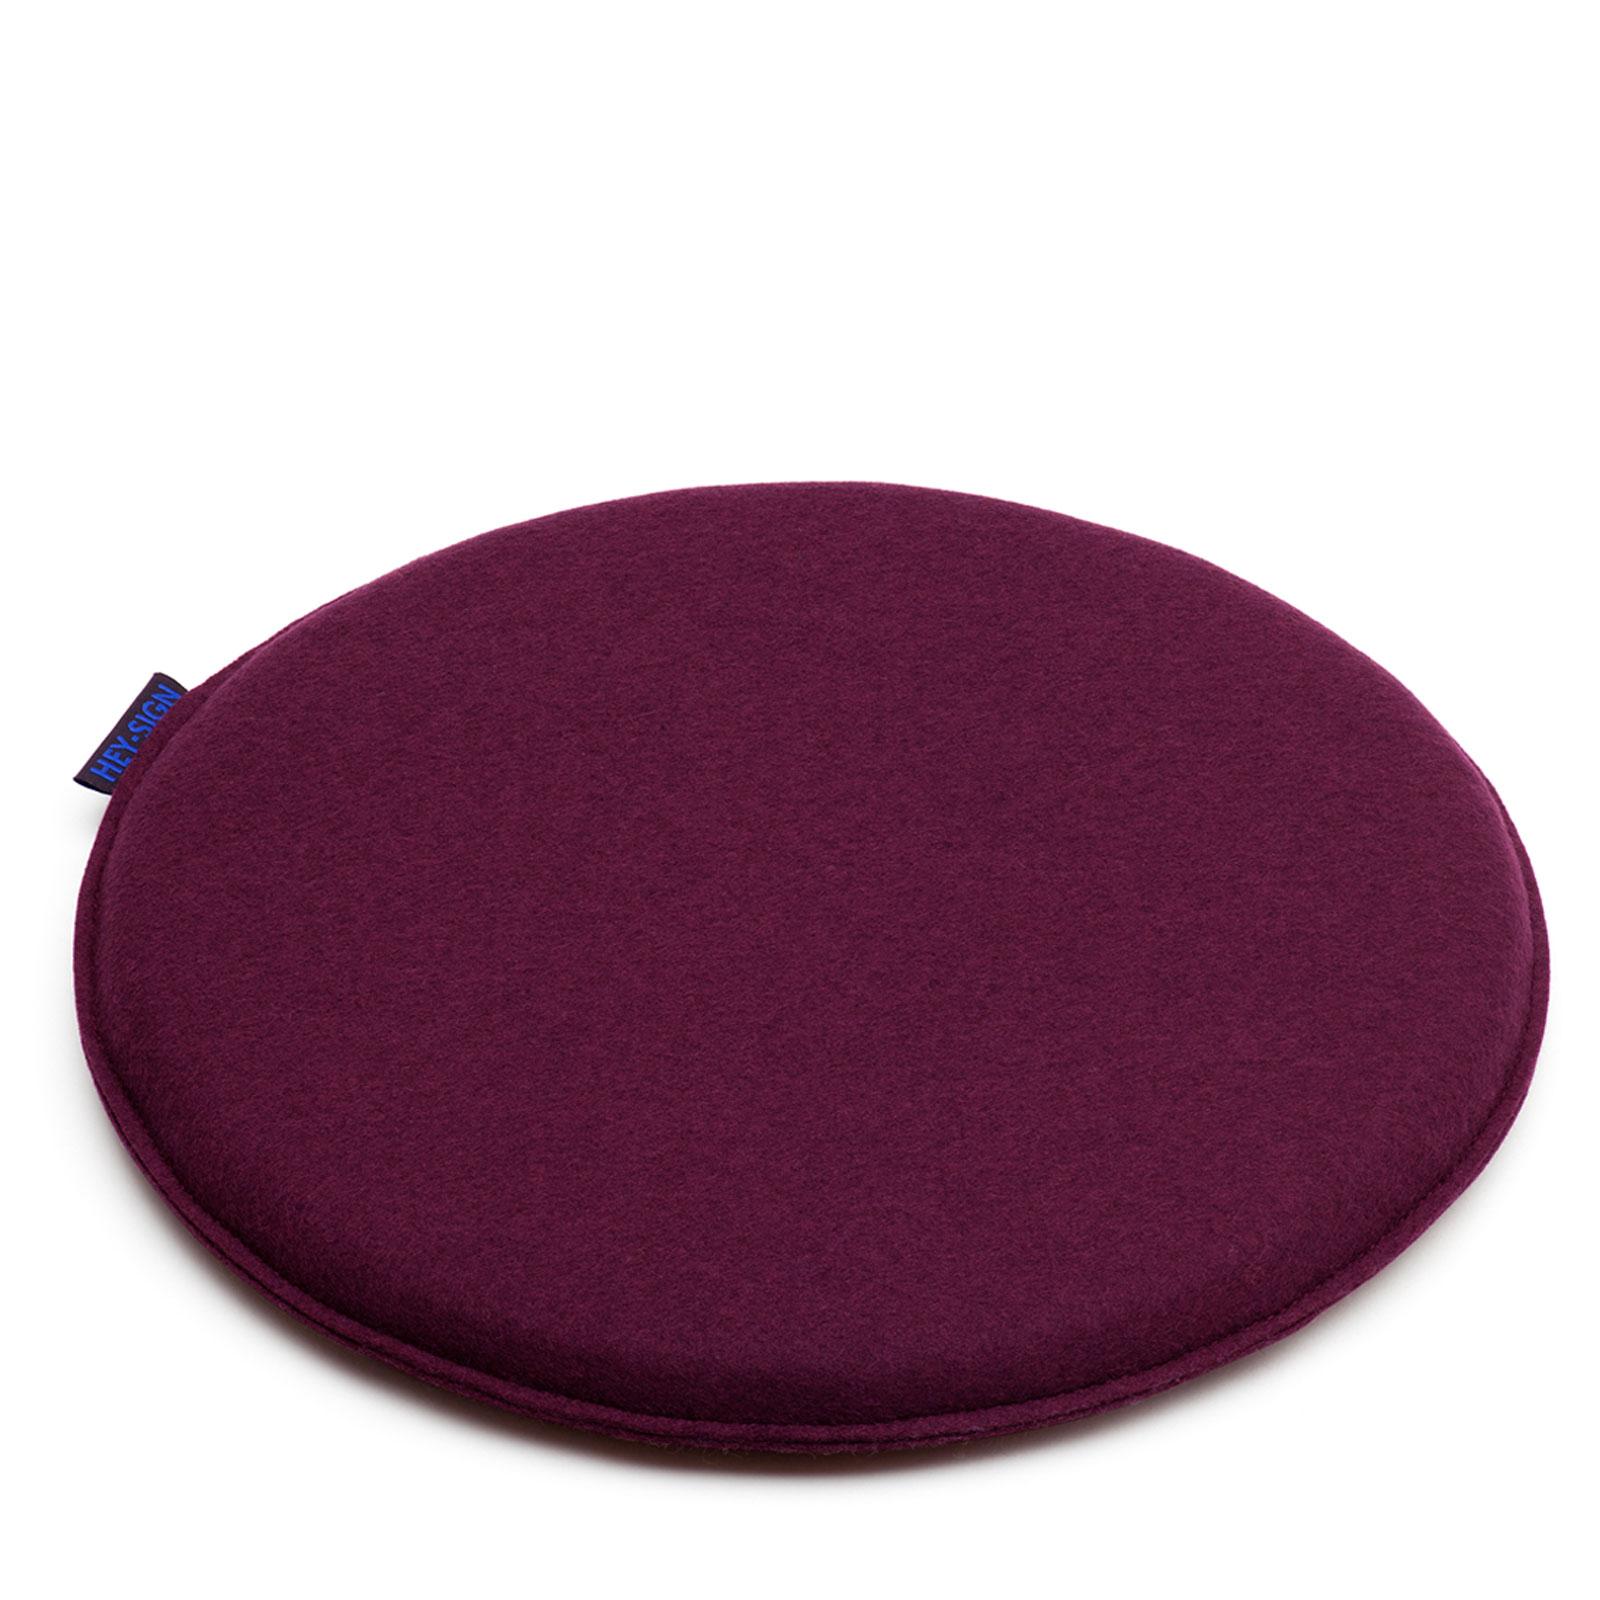 Hey Sign Filz Sitzkissen FRISBEE rund Ø 40 cm 4-teilig in vielen Farben